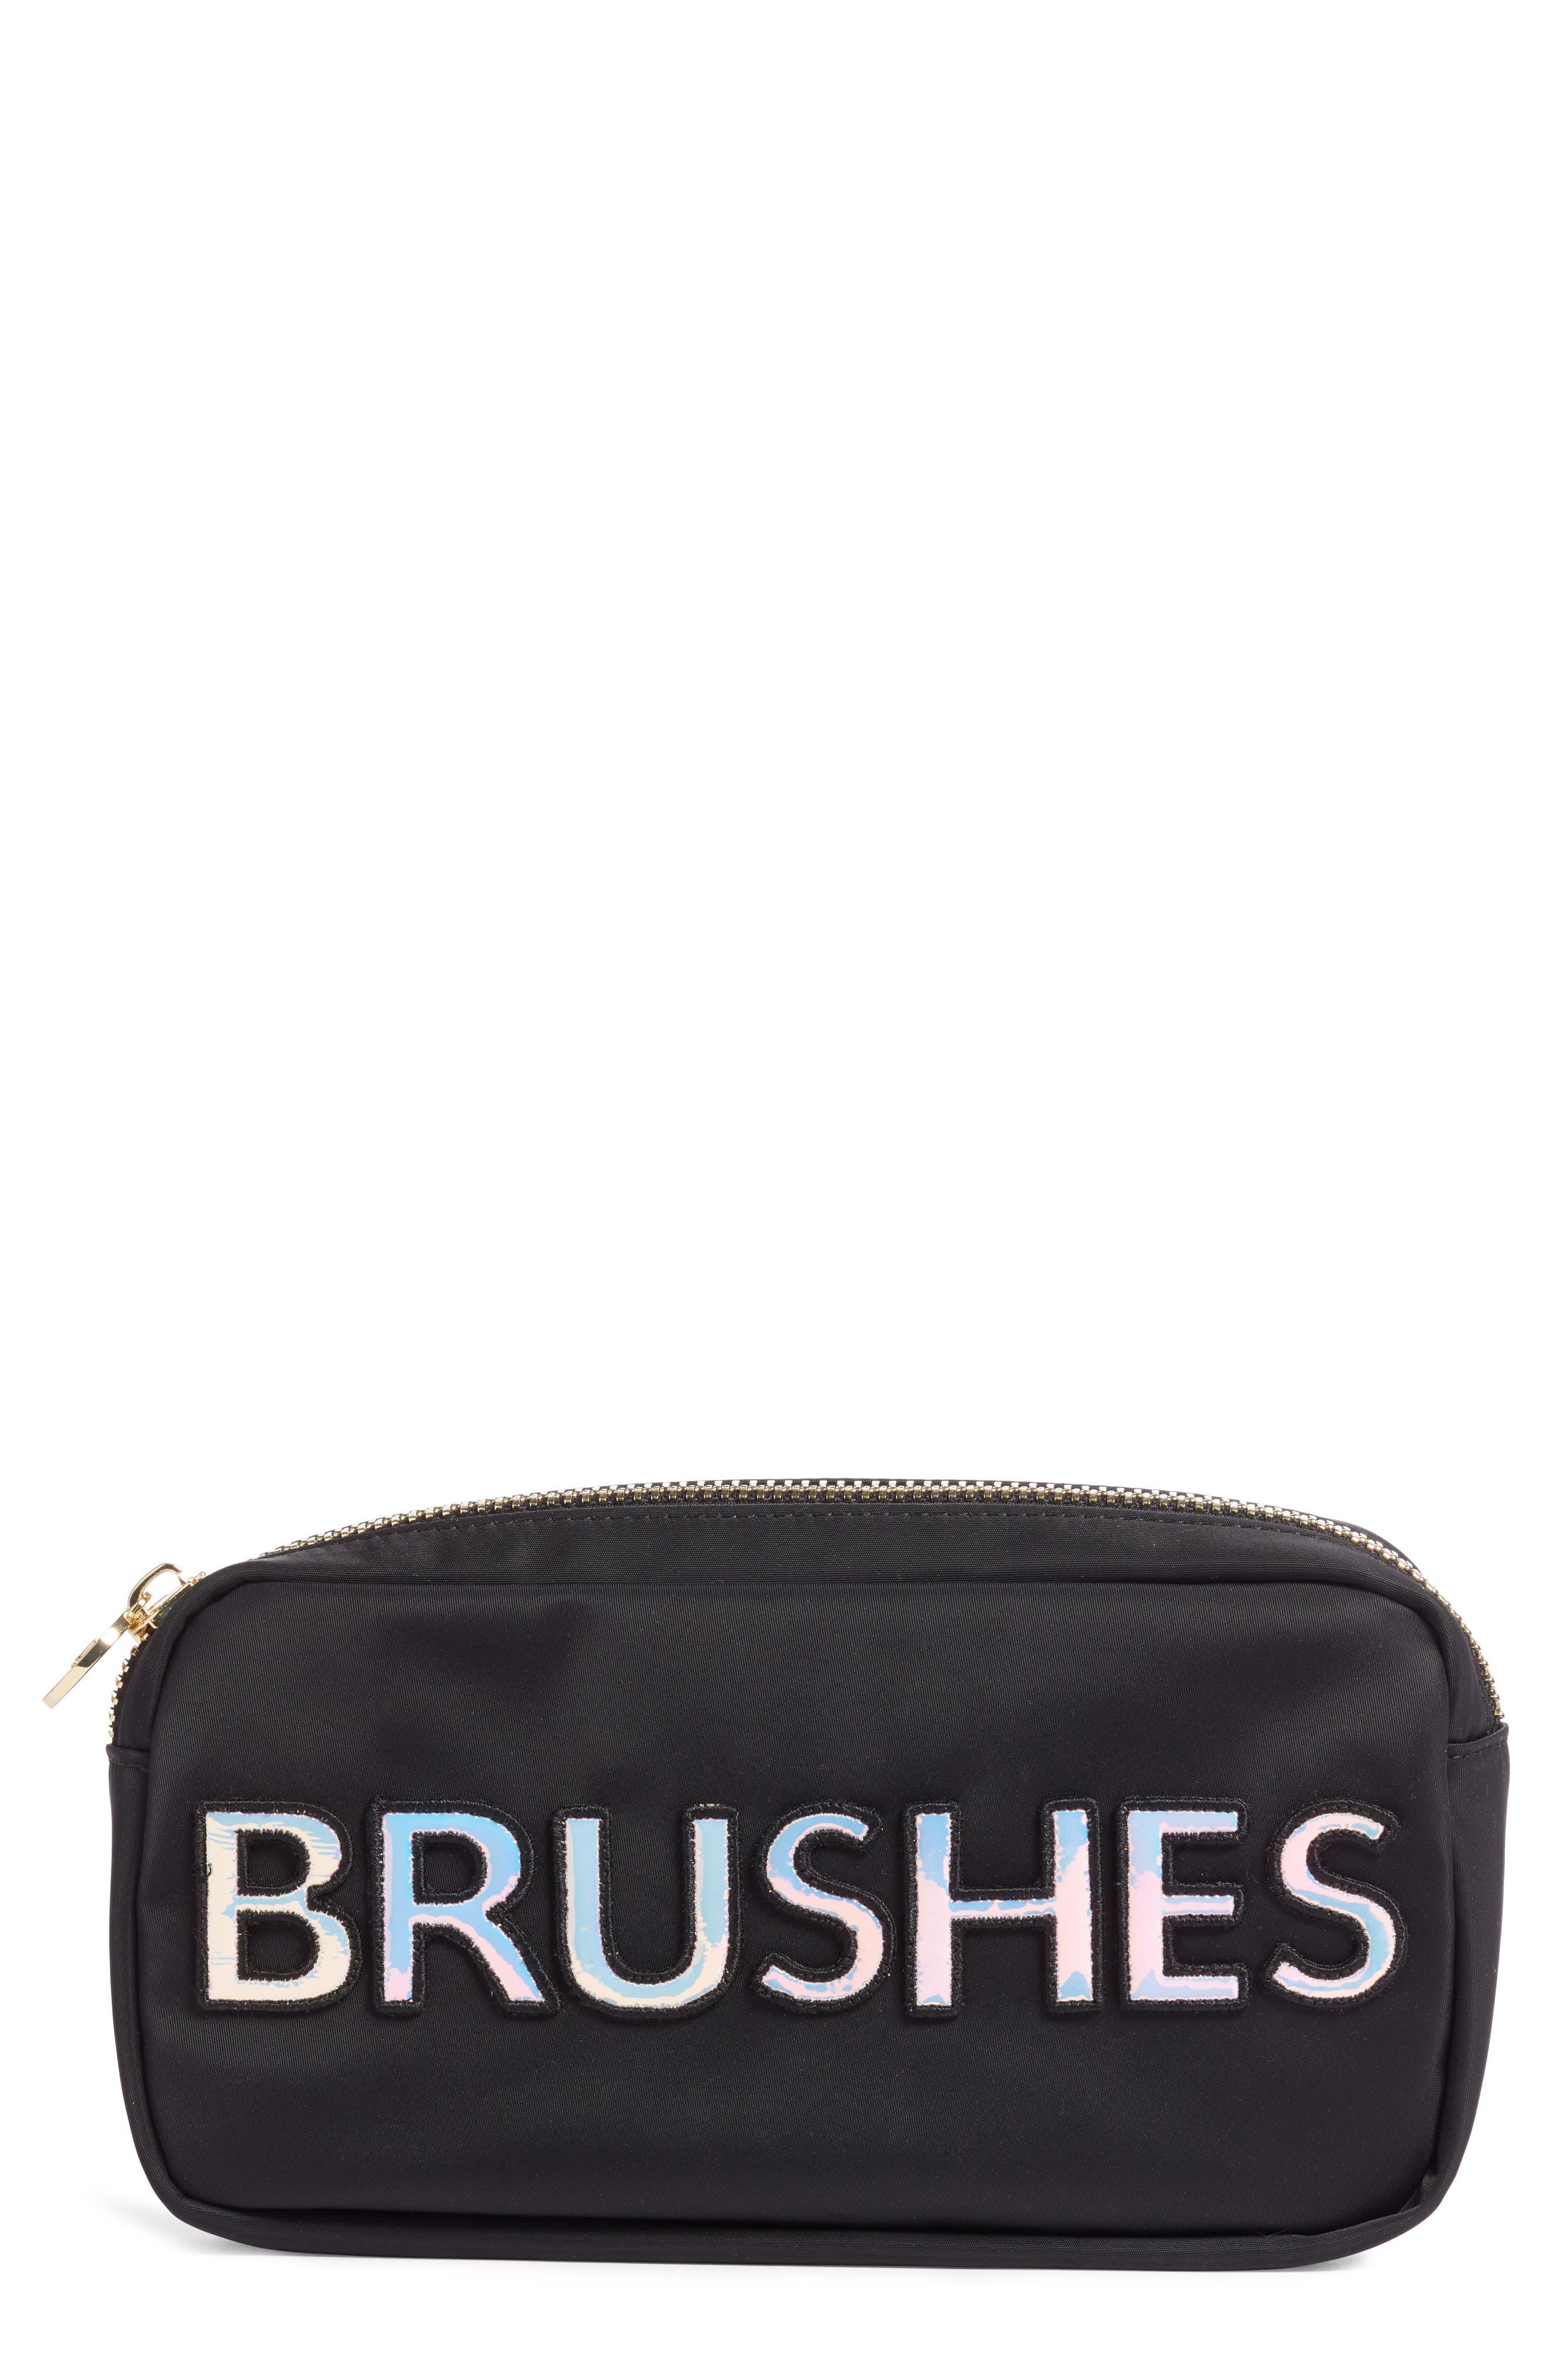 STONEY CLOVER LANE Brush Pouch in Black